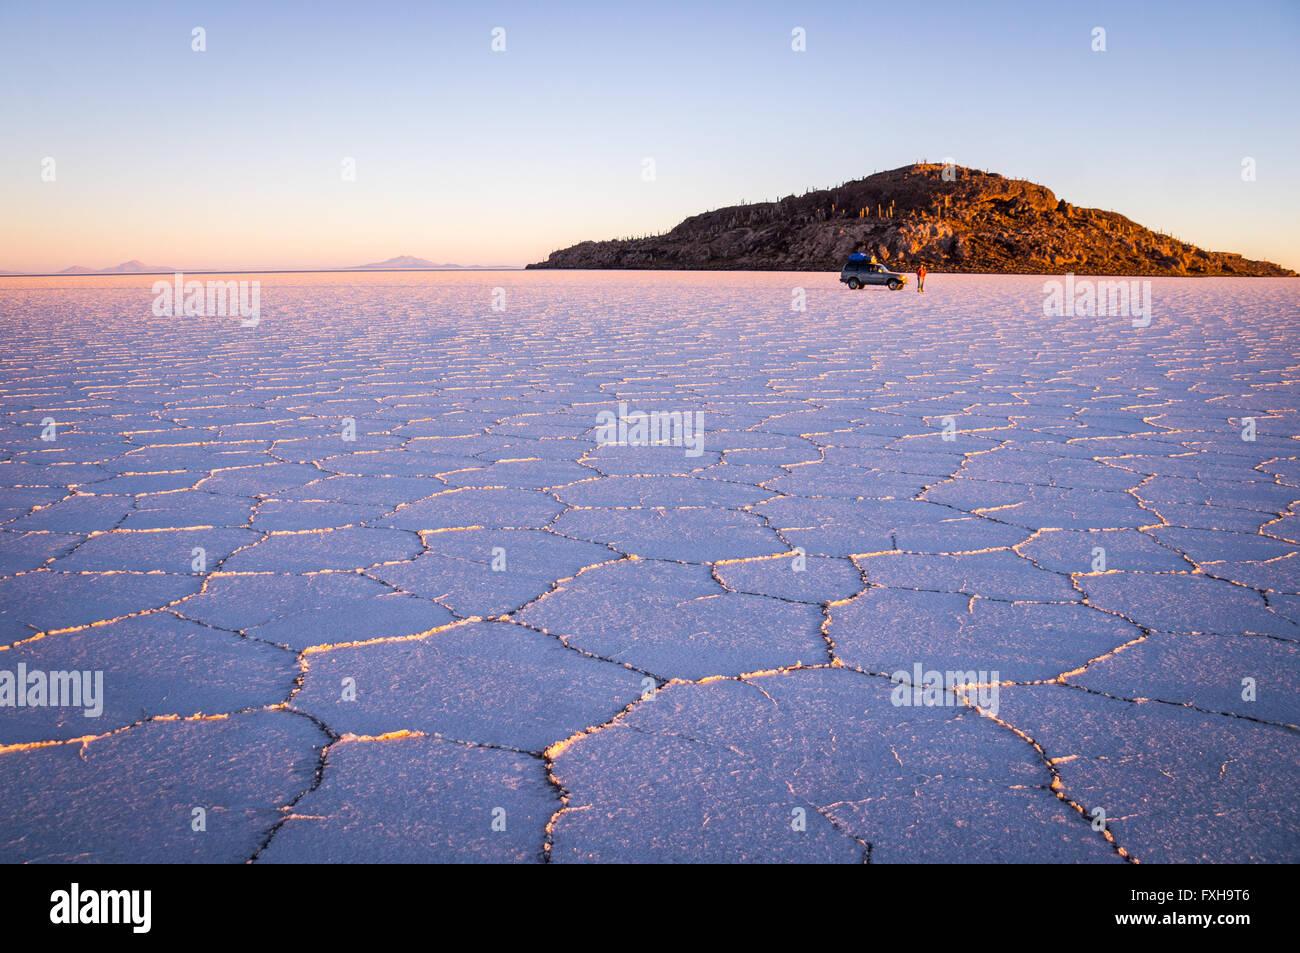 Salar Uyuni, Bolivie en septembre 2015: Le soleil se lève sur le plus grand lac de sel Salar de Uyuni. Photo Stock